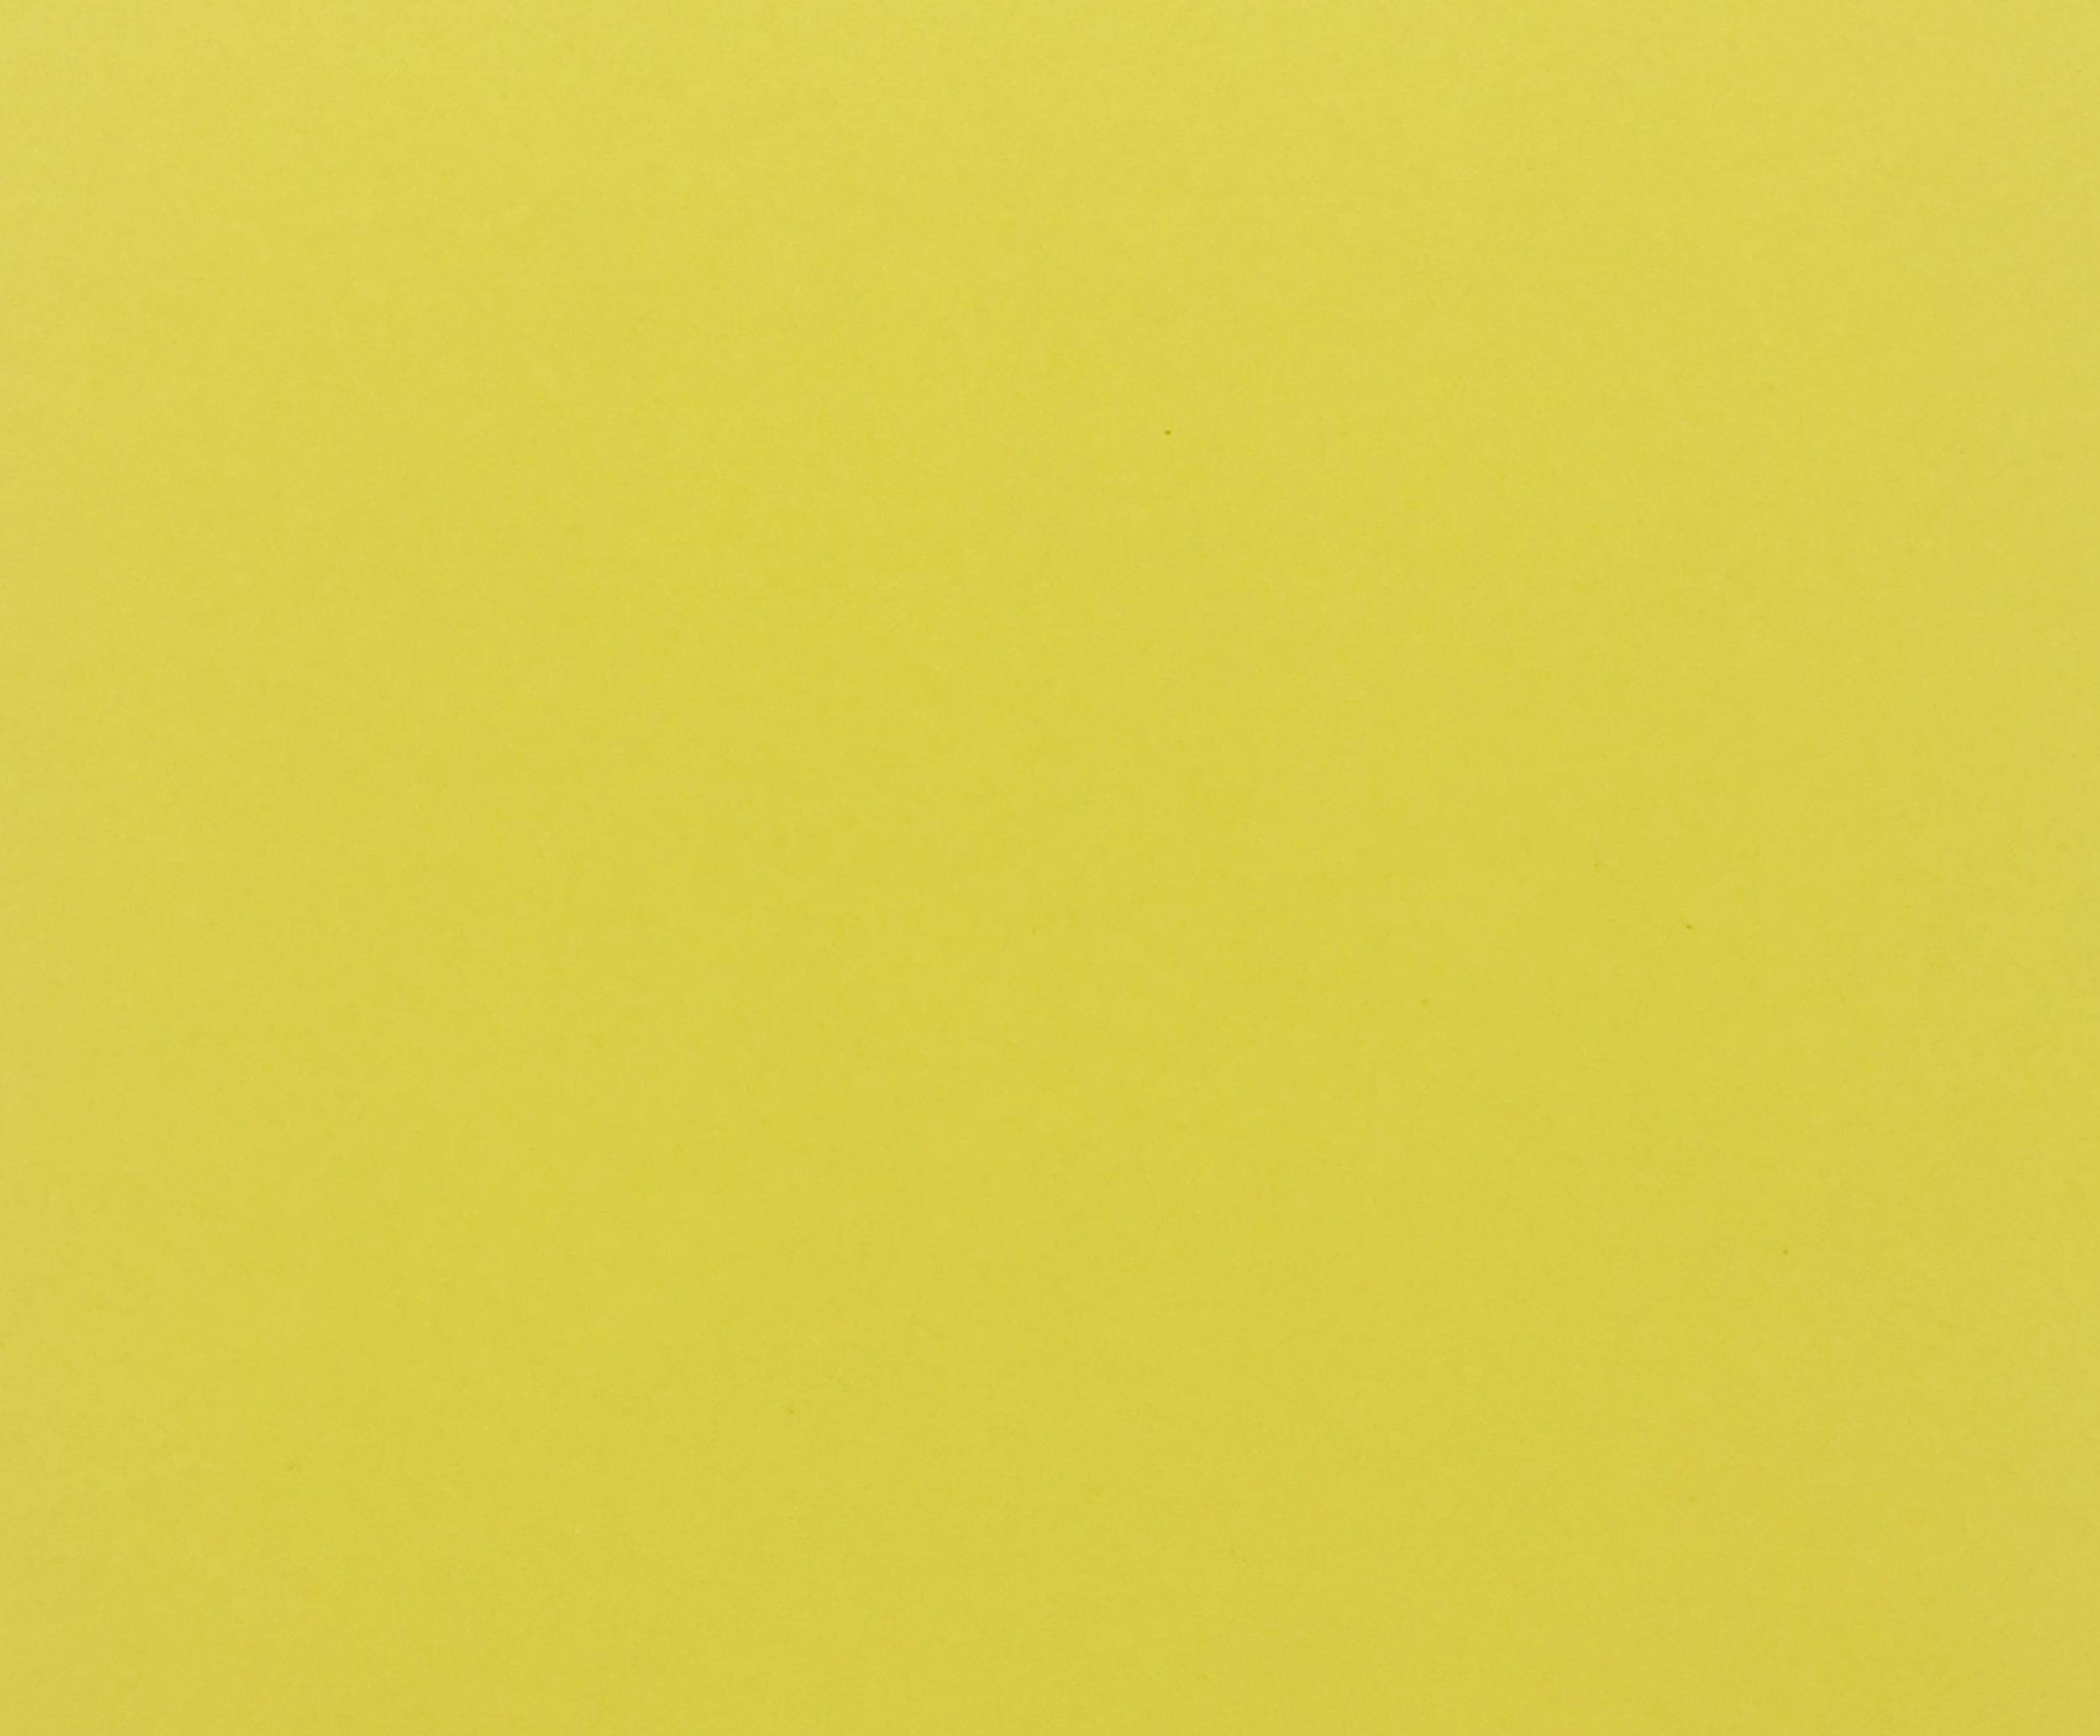 Yellow L262